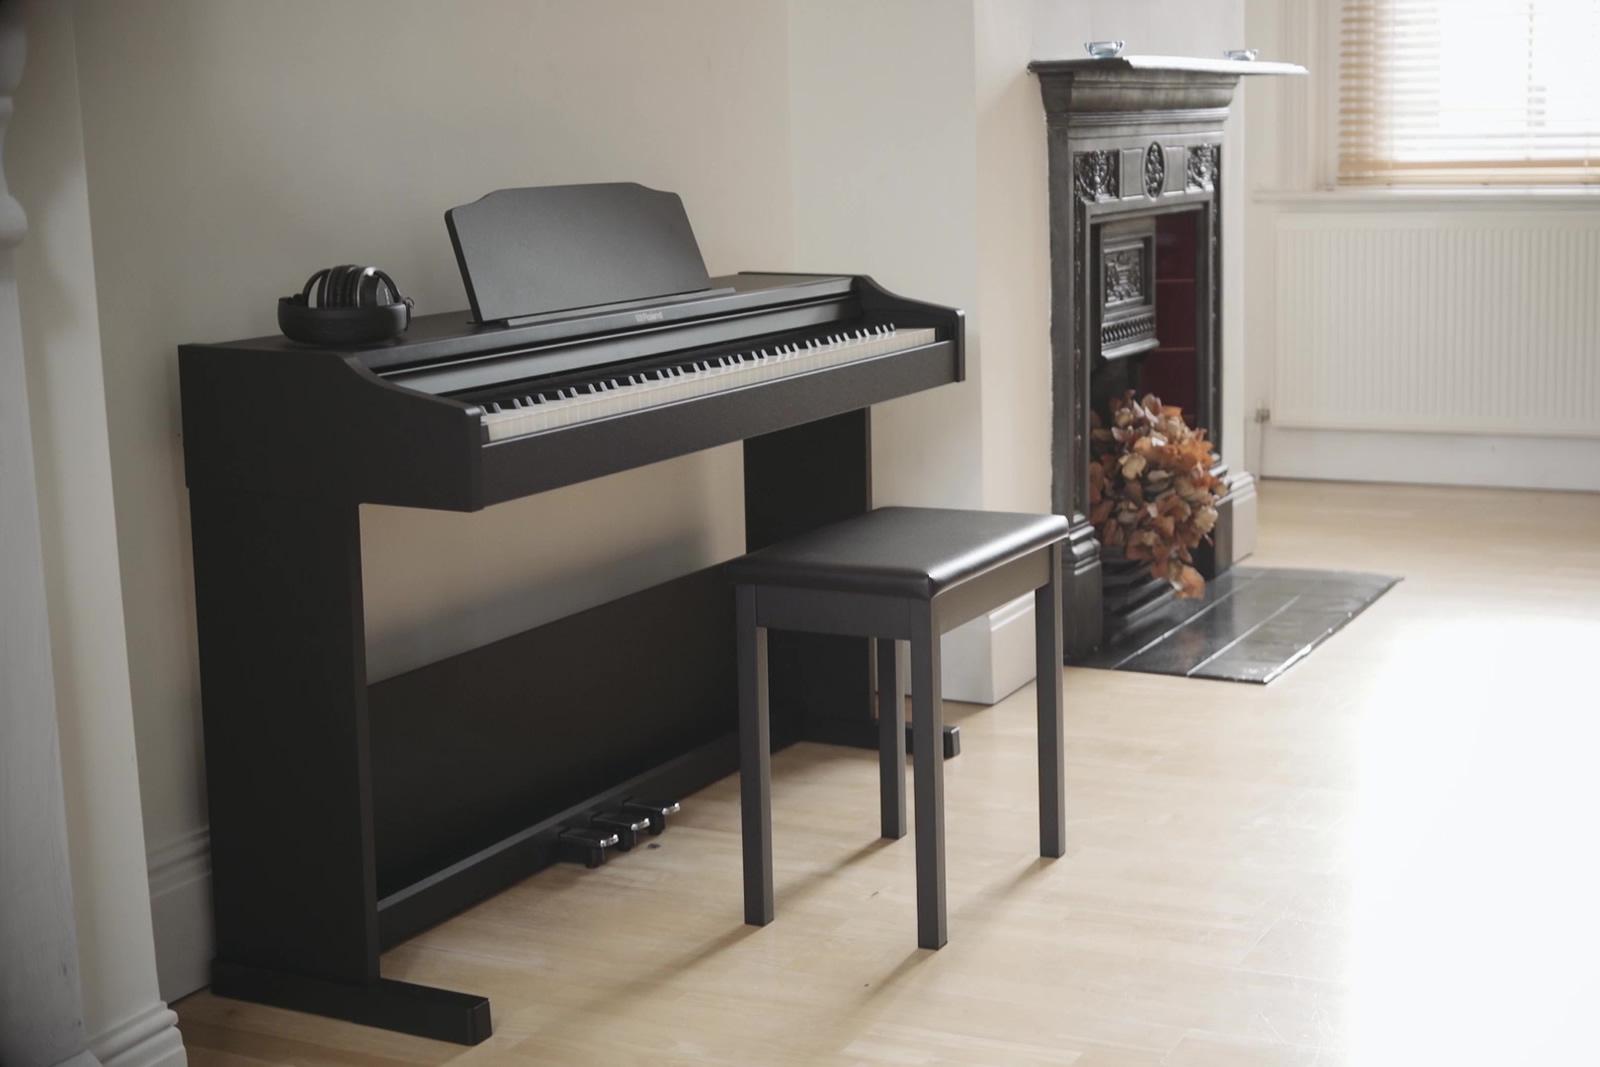 bao-quan-dan-piano-dien-khi-thoi-tiet-nong-am-4